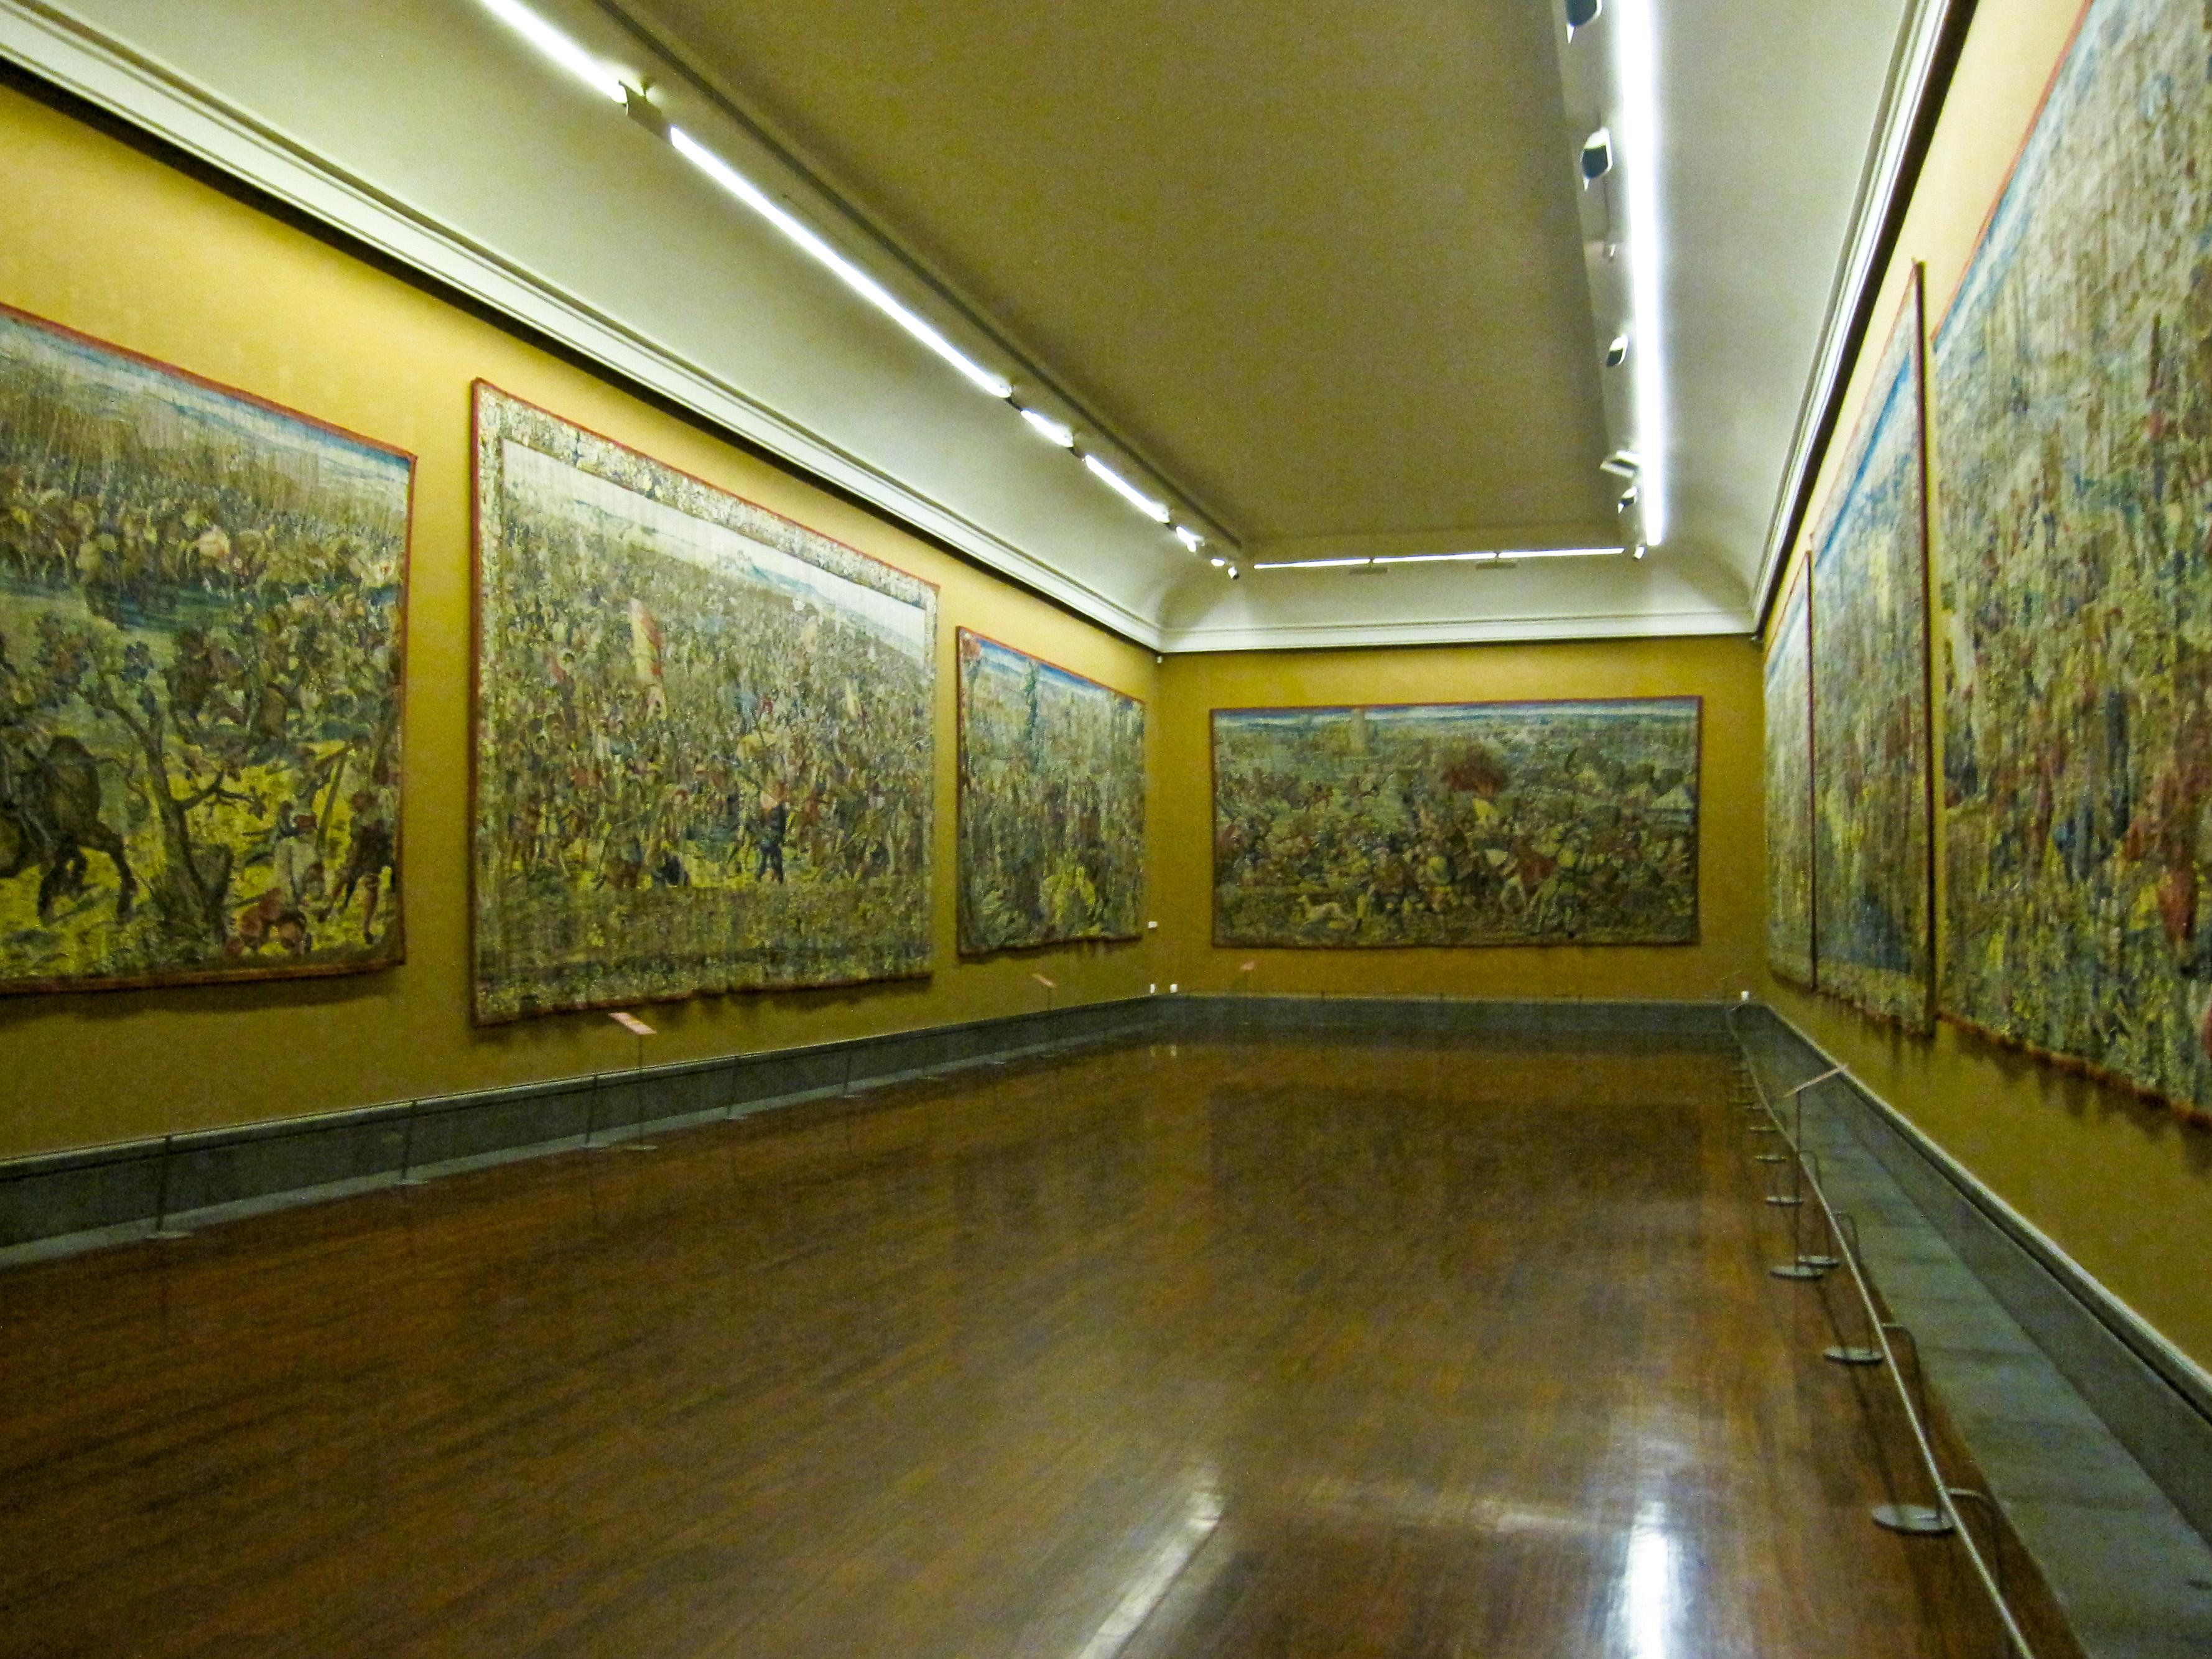 Museo nazionale di Capodimonte - Wikipedia